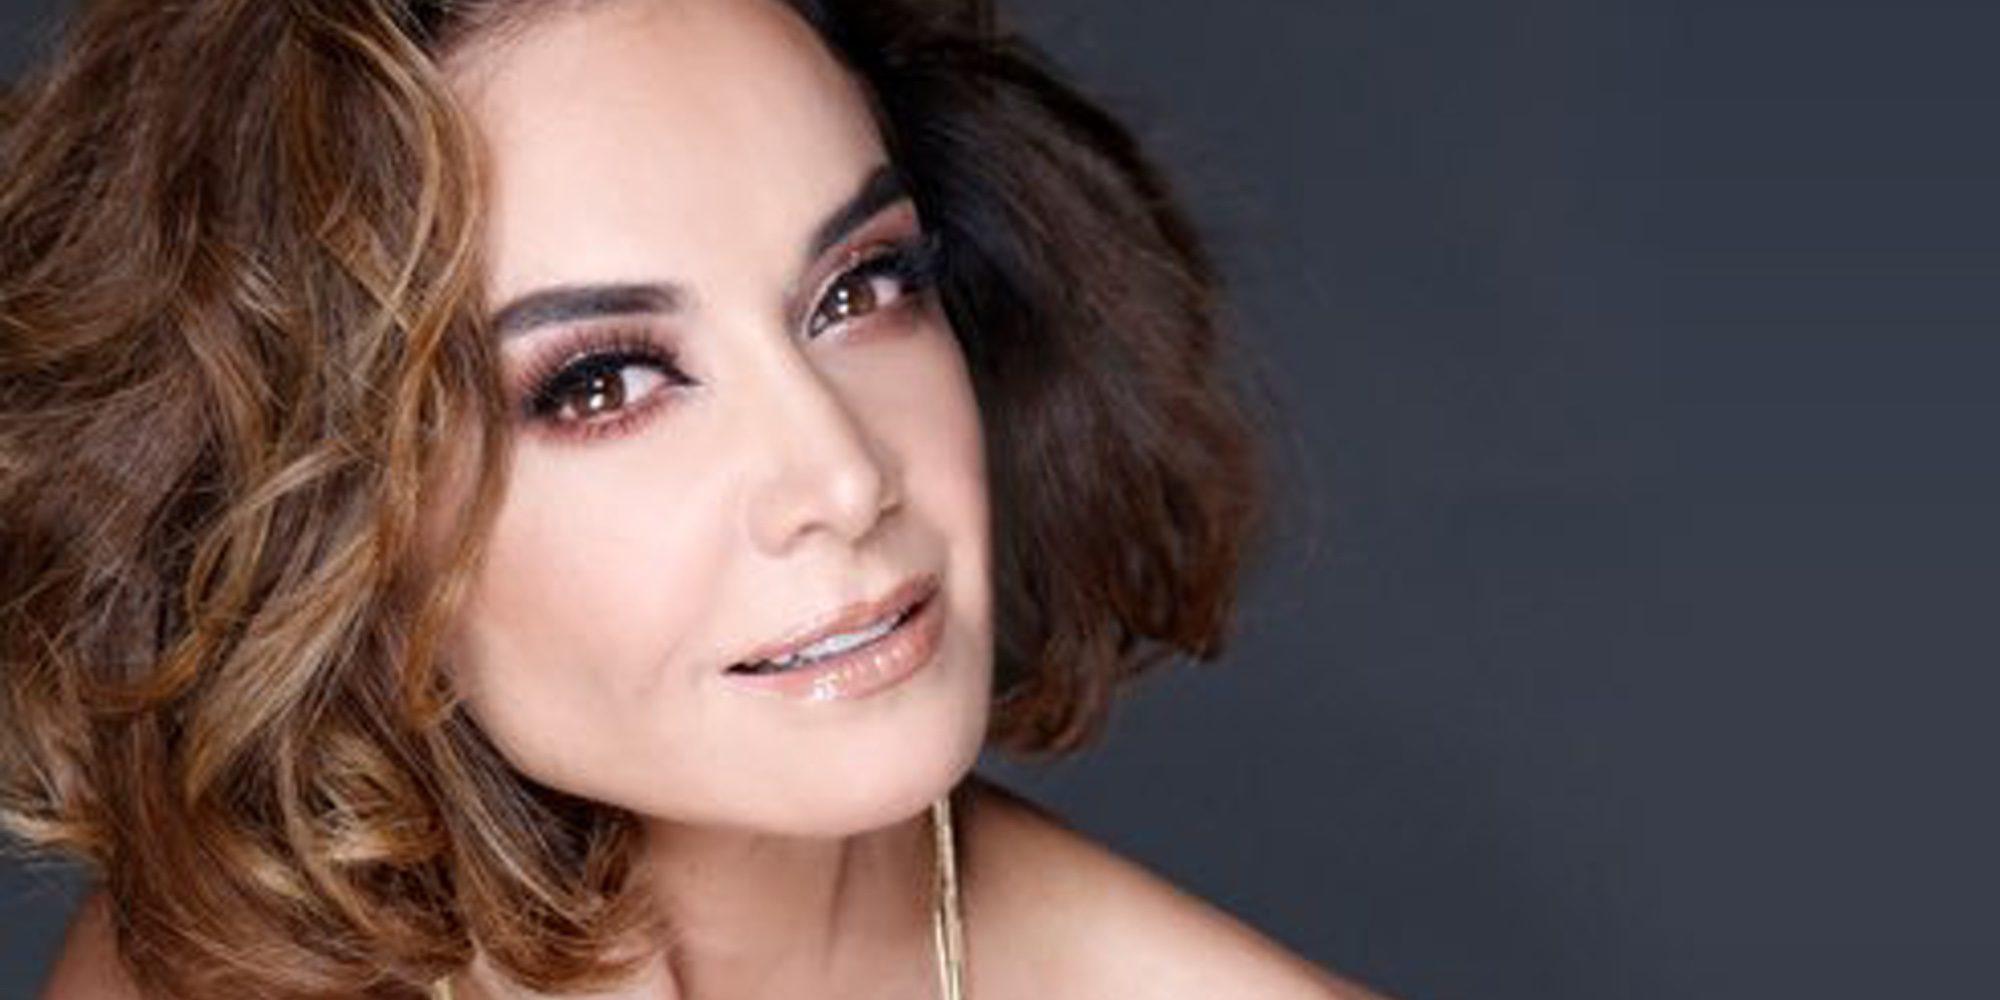 La directora de Miss México acusada de boicotear a su candidata en Miss Universo